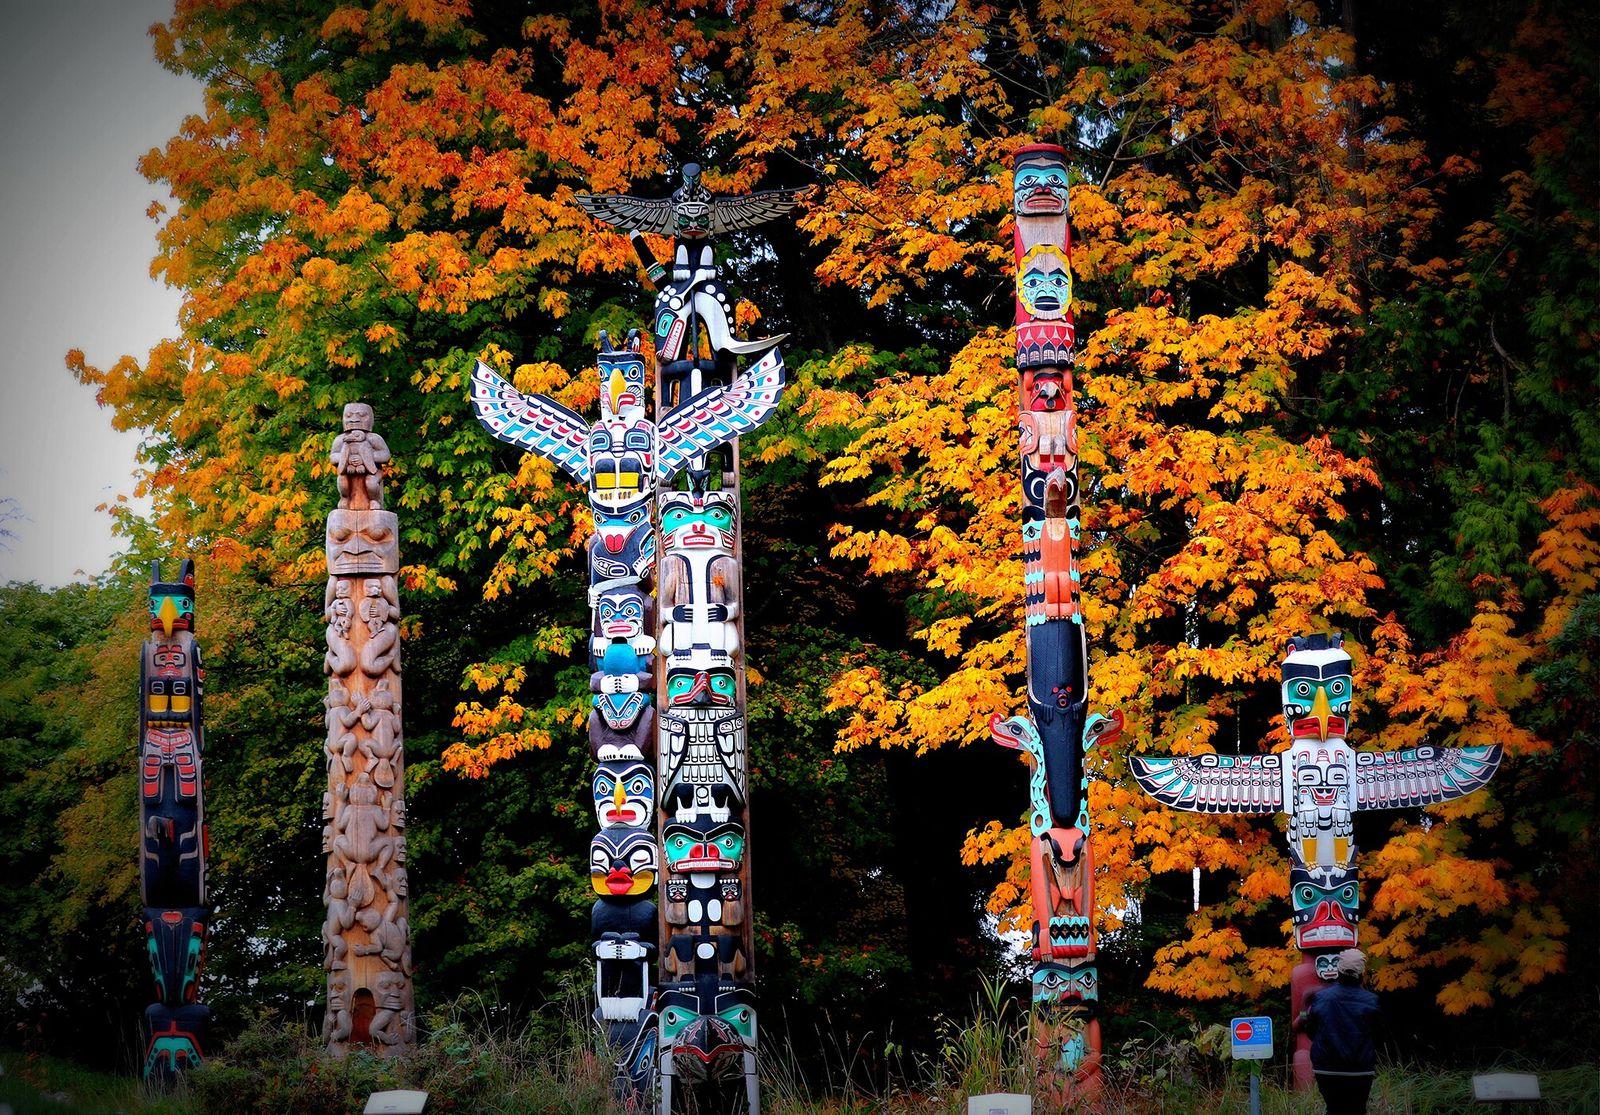 Colômbia Britânica Indígena, Canadá   Os totens no Parque Stanley, em Vancouver, são ricos em significado ...